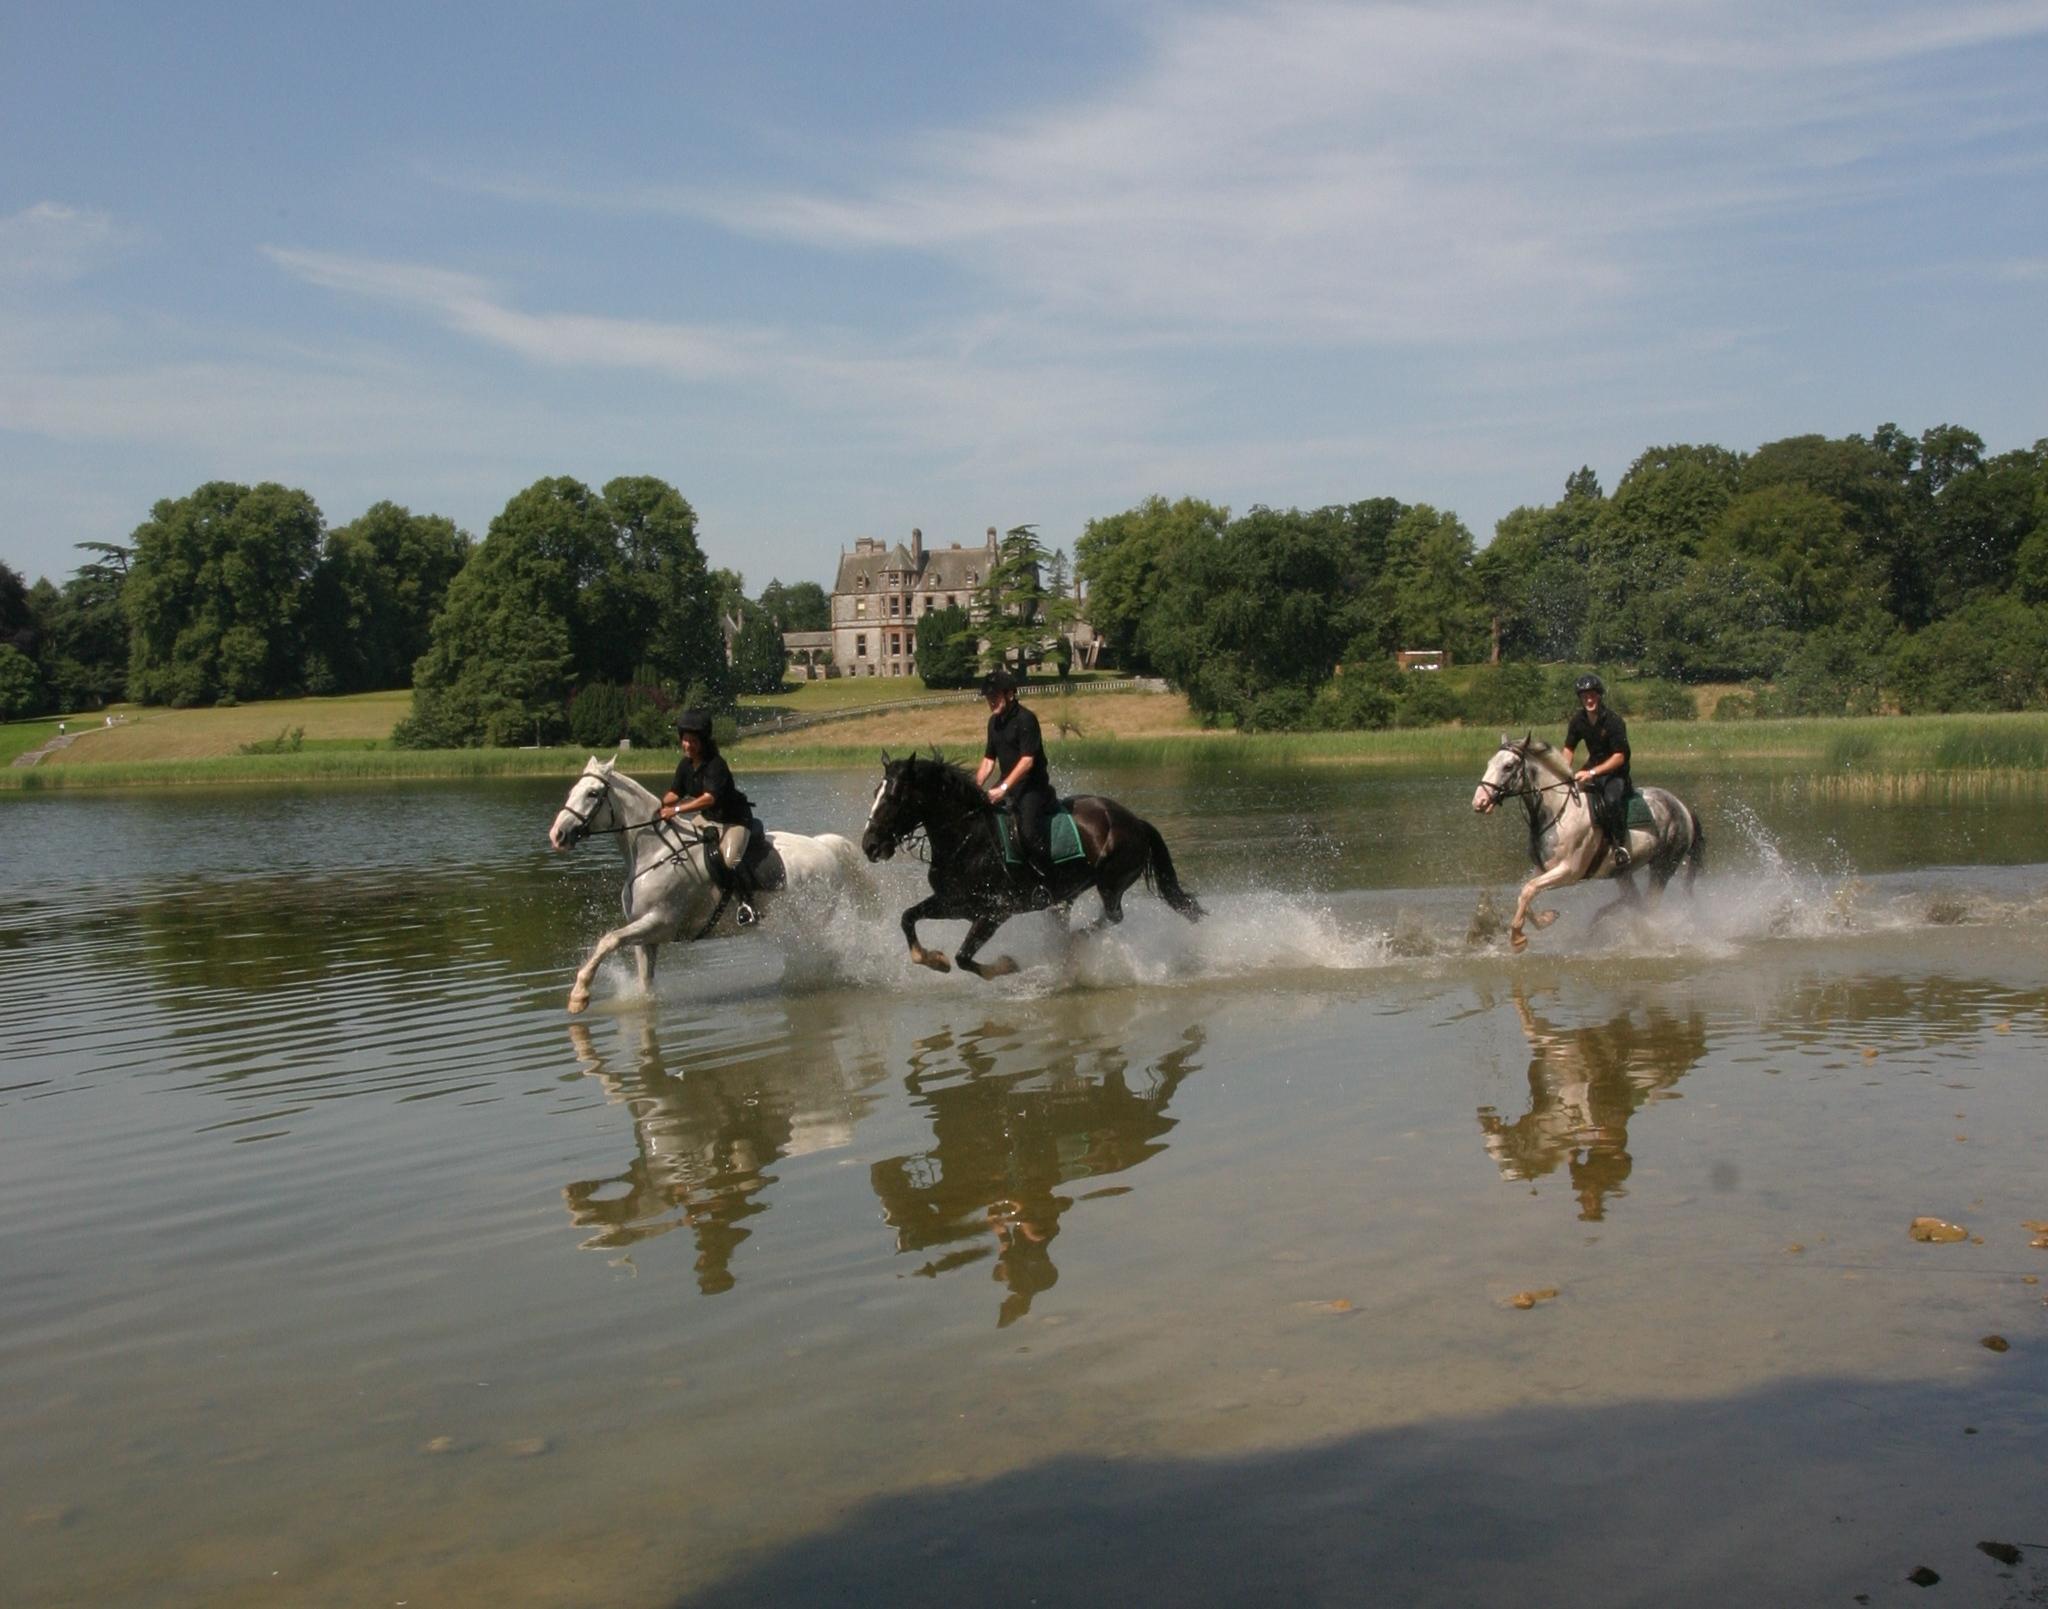 Paardrijden in Ierland - Vakantie te paard / Reisbureau Perlan